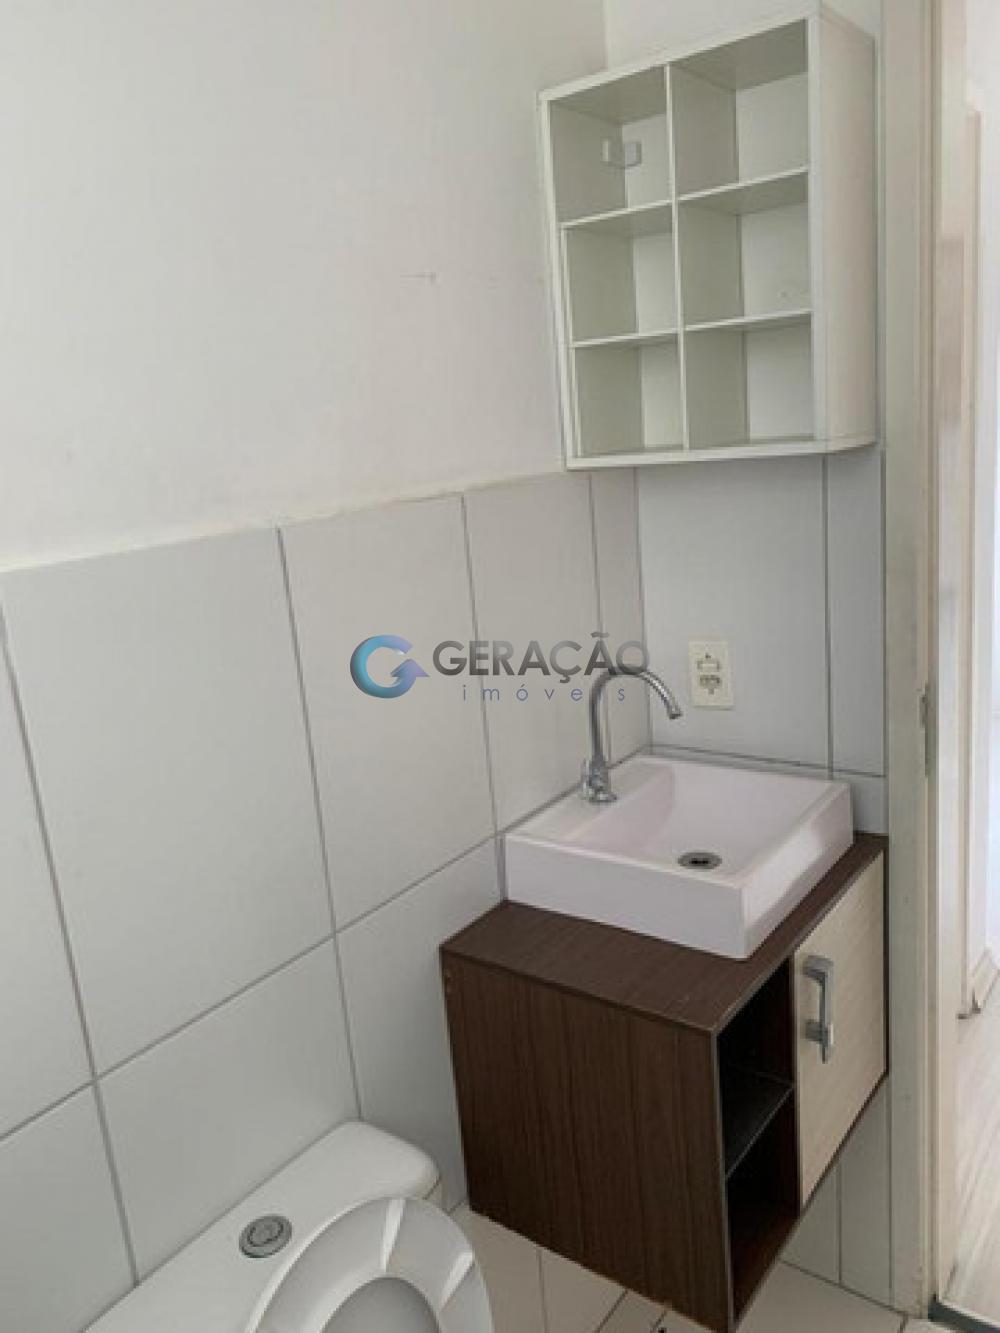 Comprar Apartamento / Padrão em São José dos Campos R$ 197.000,00 - Foto 7